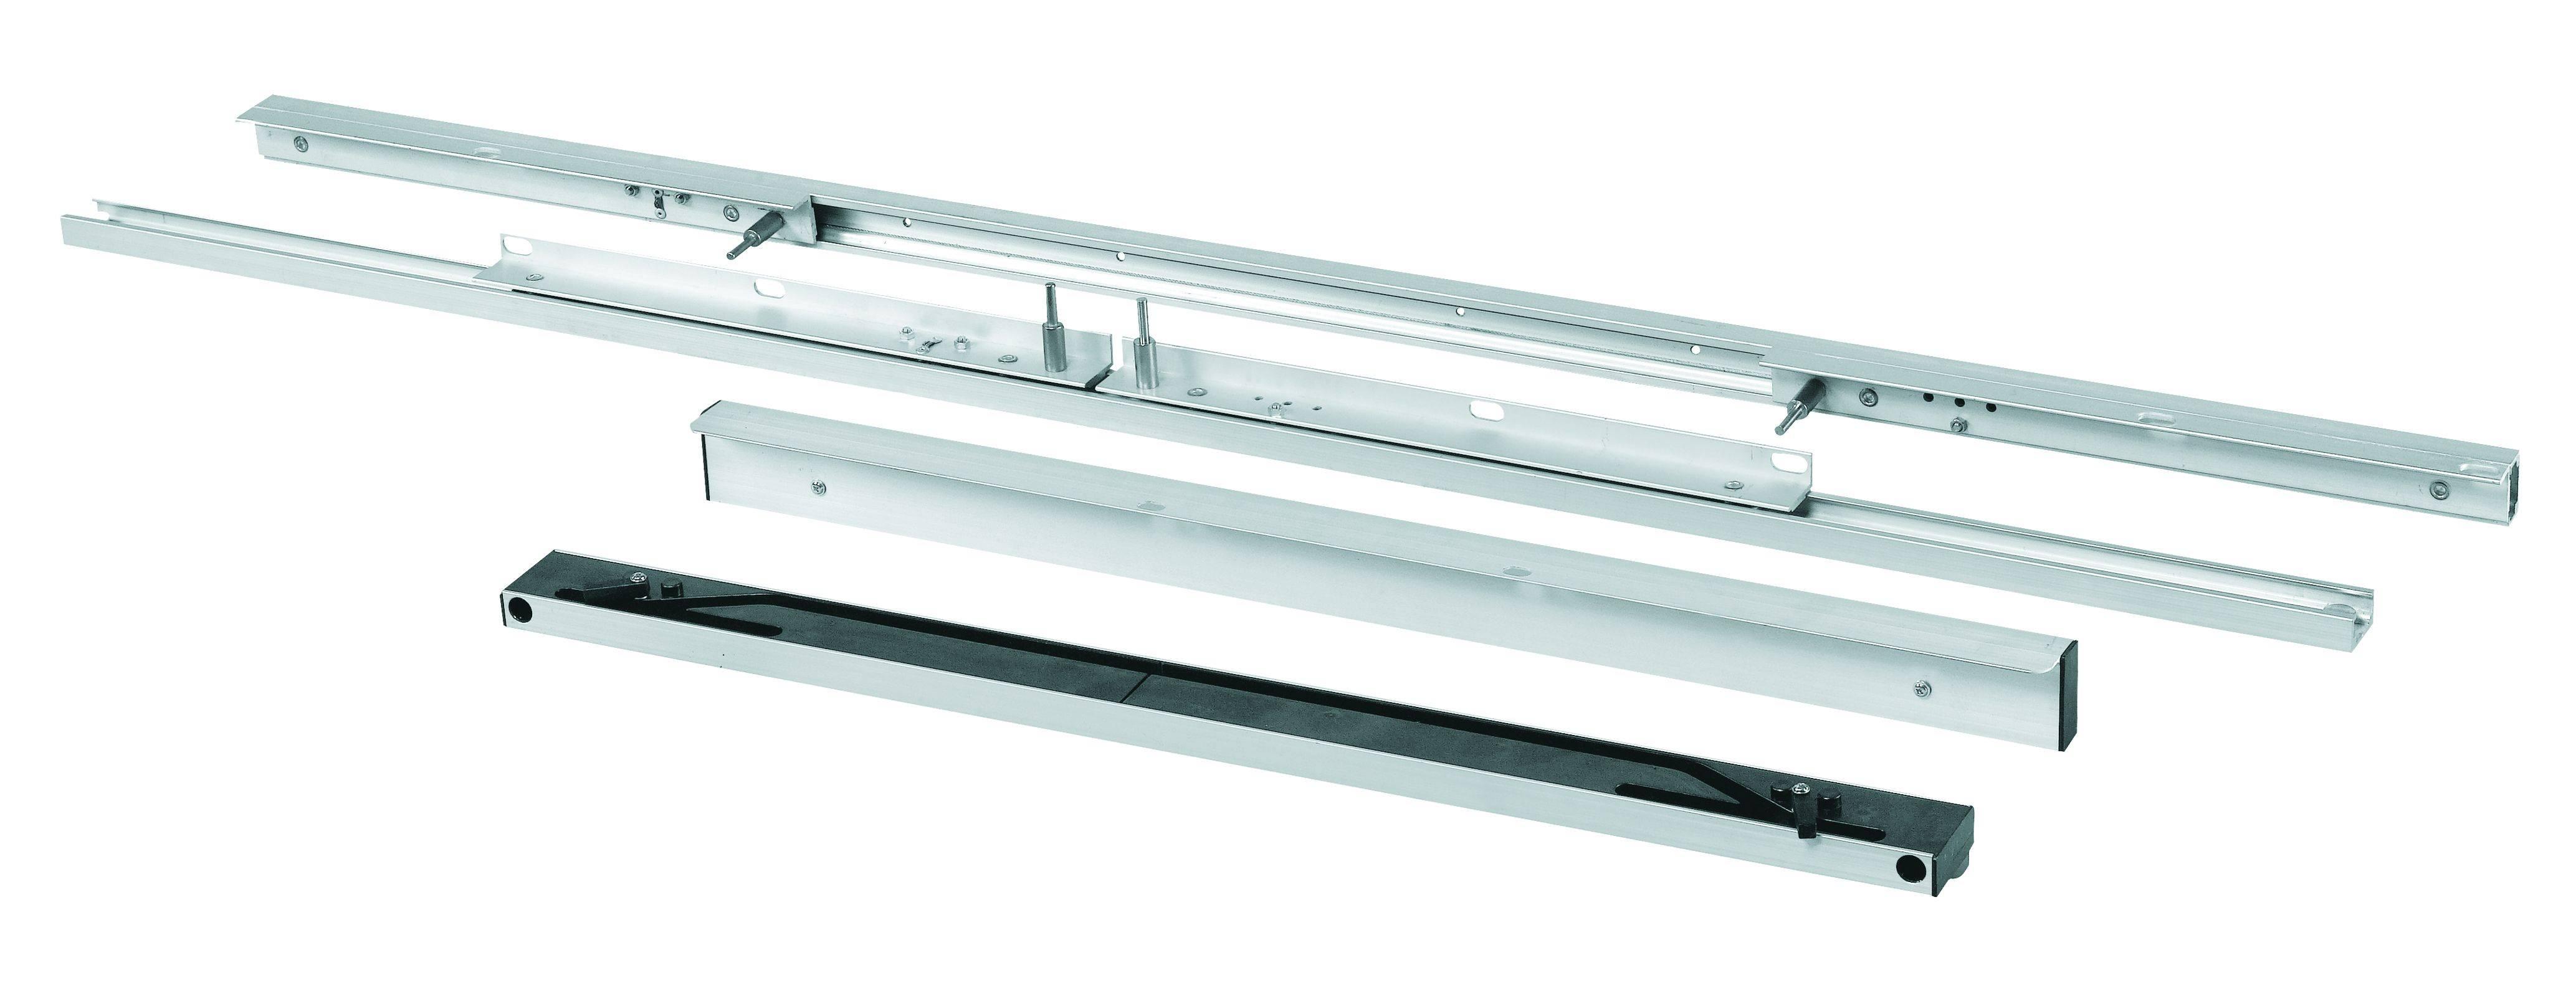 A02 Aluminum automatic Lifting & Falling Slide